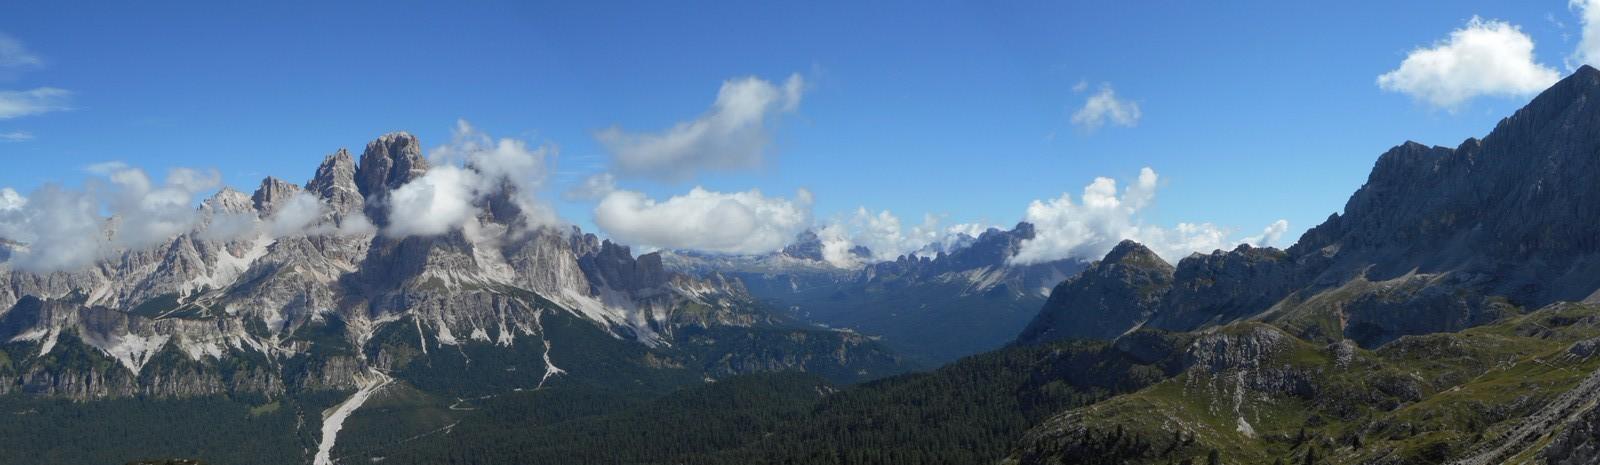 Les Sassolungo (3181m) depuis le massif du Sorapis (3205m)